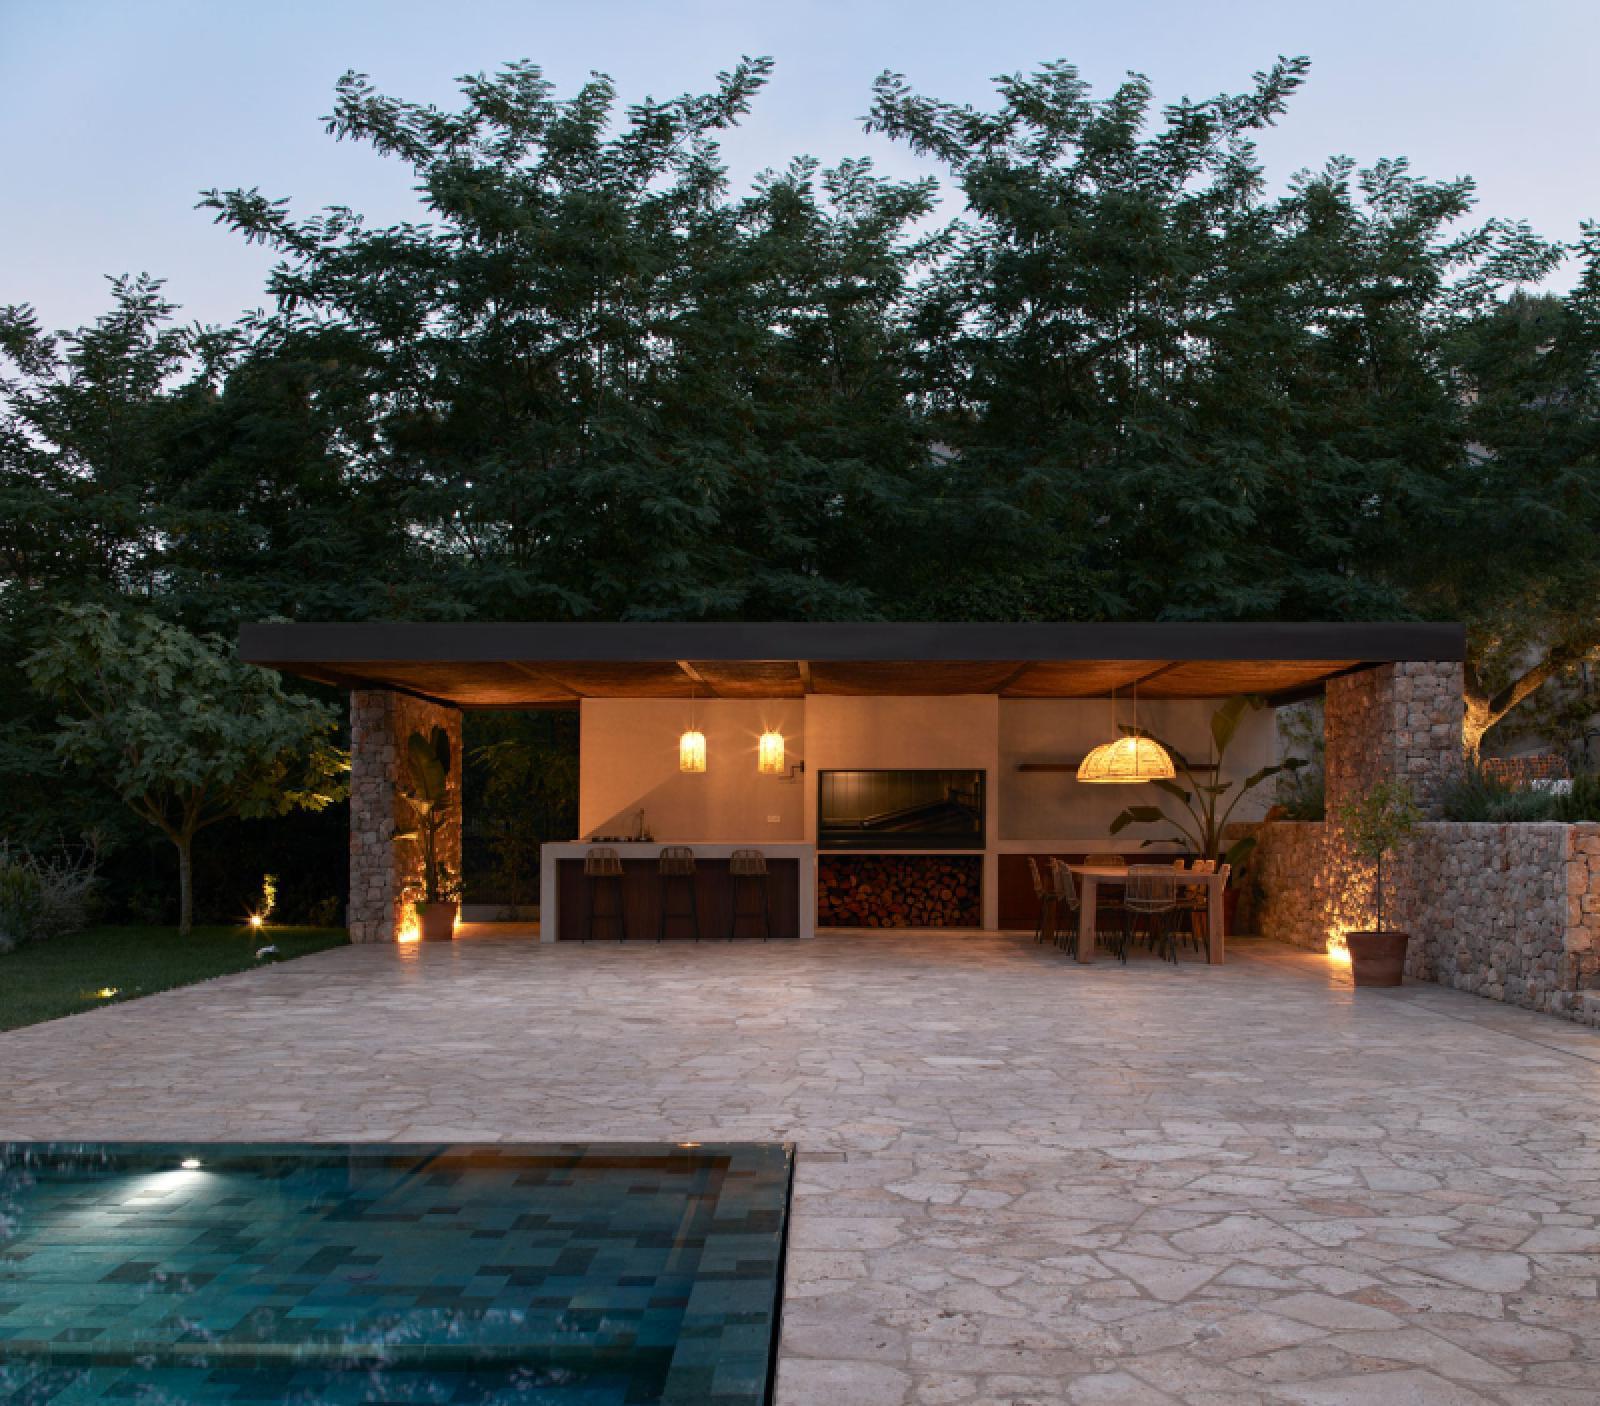 Calma House